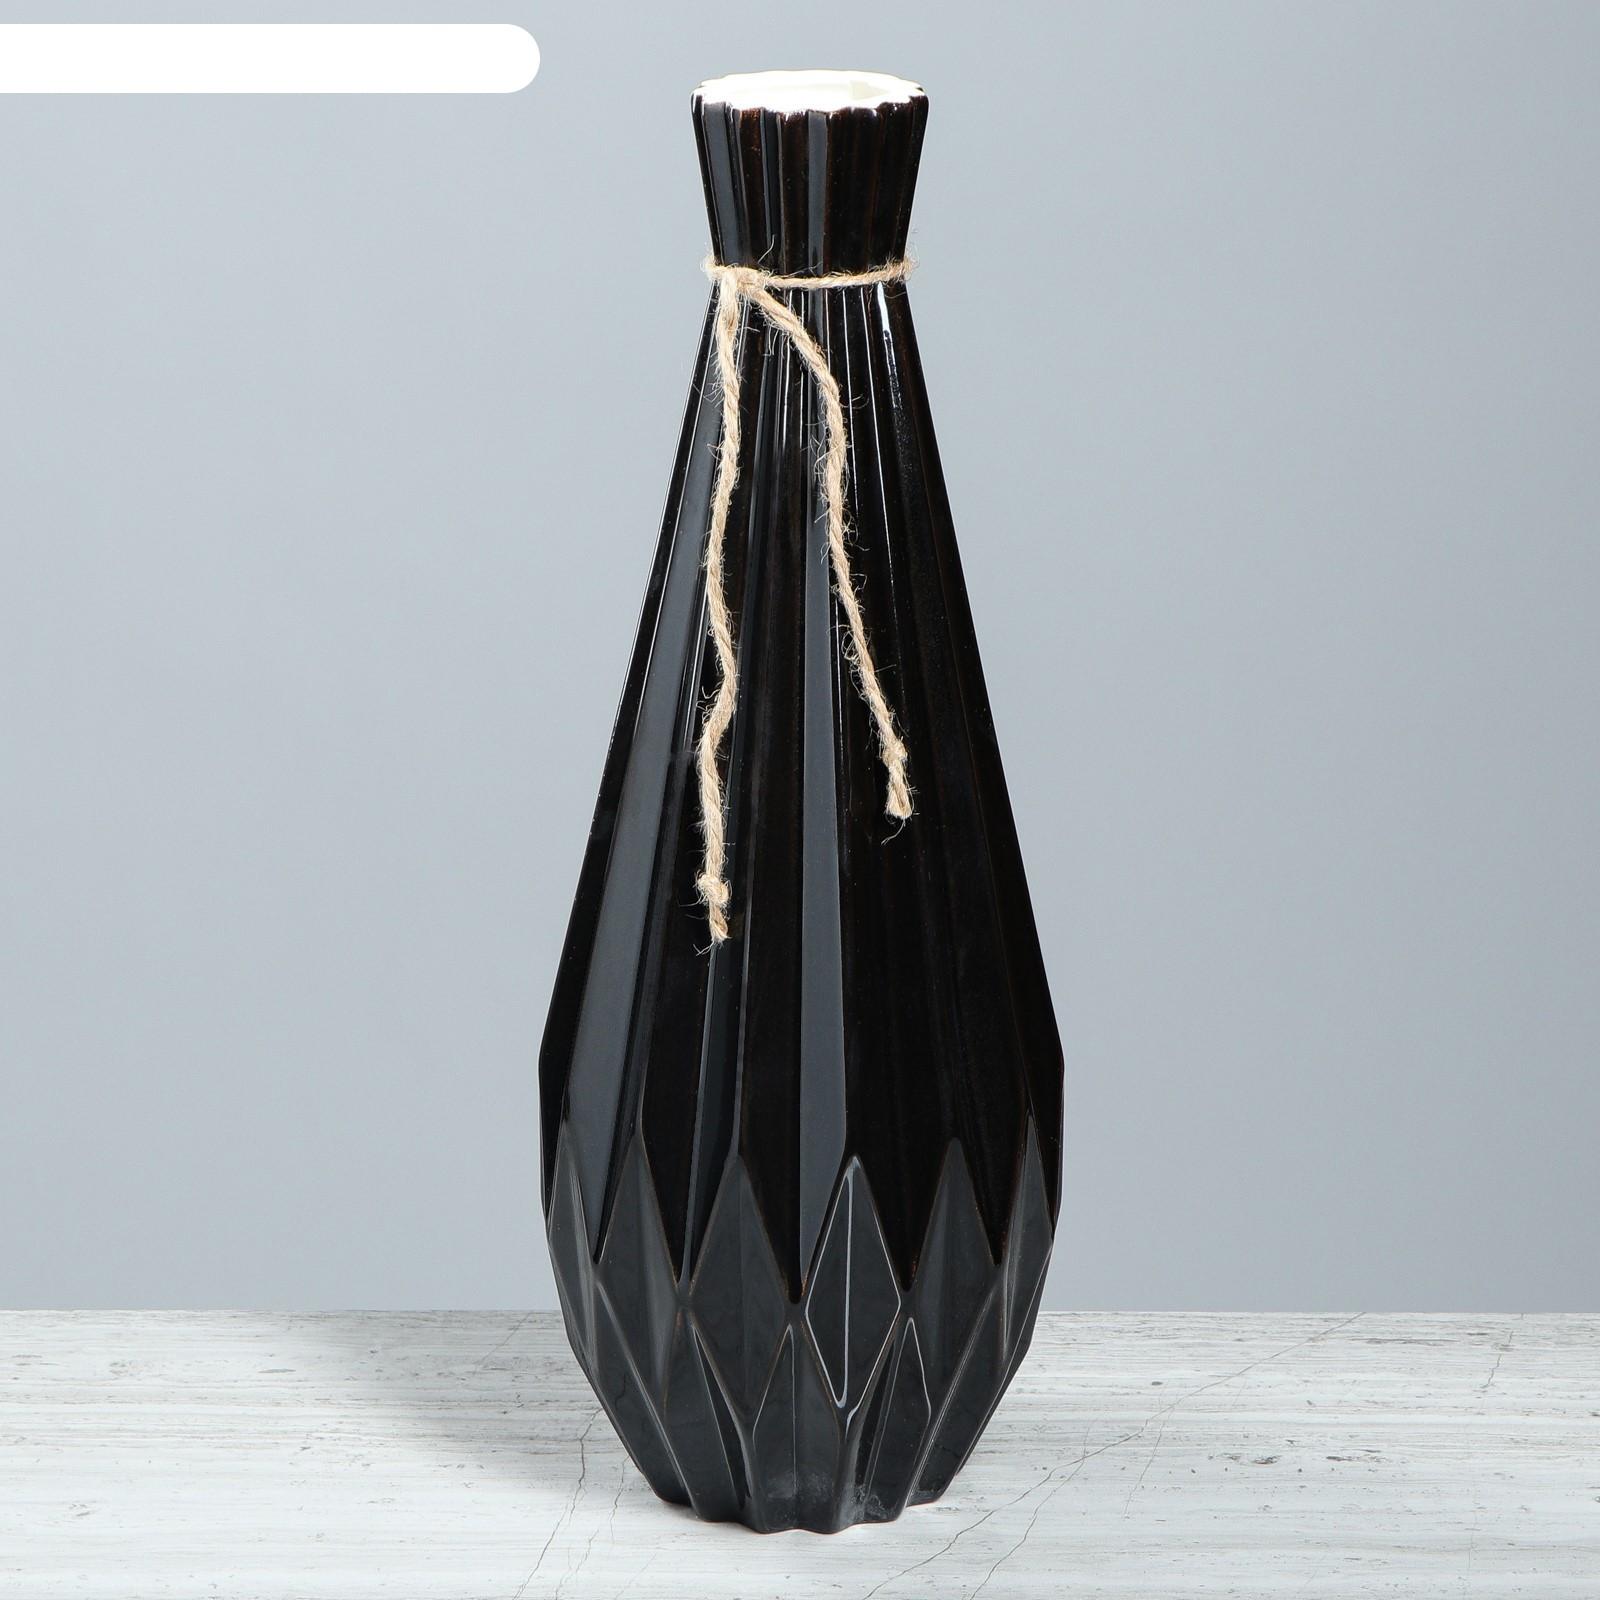 Ваза модерн большая, чёрный глянец (4233817) купить в интернет магазине Бельведор, Москва